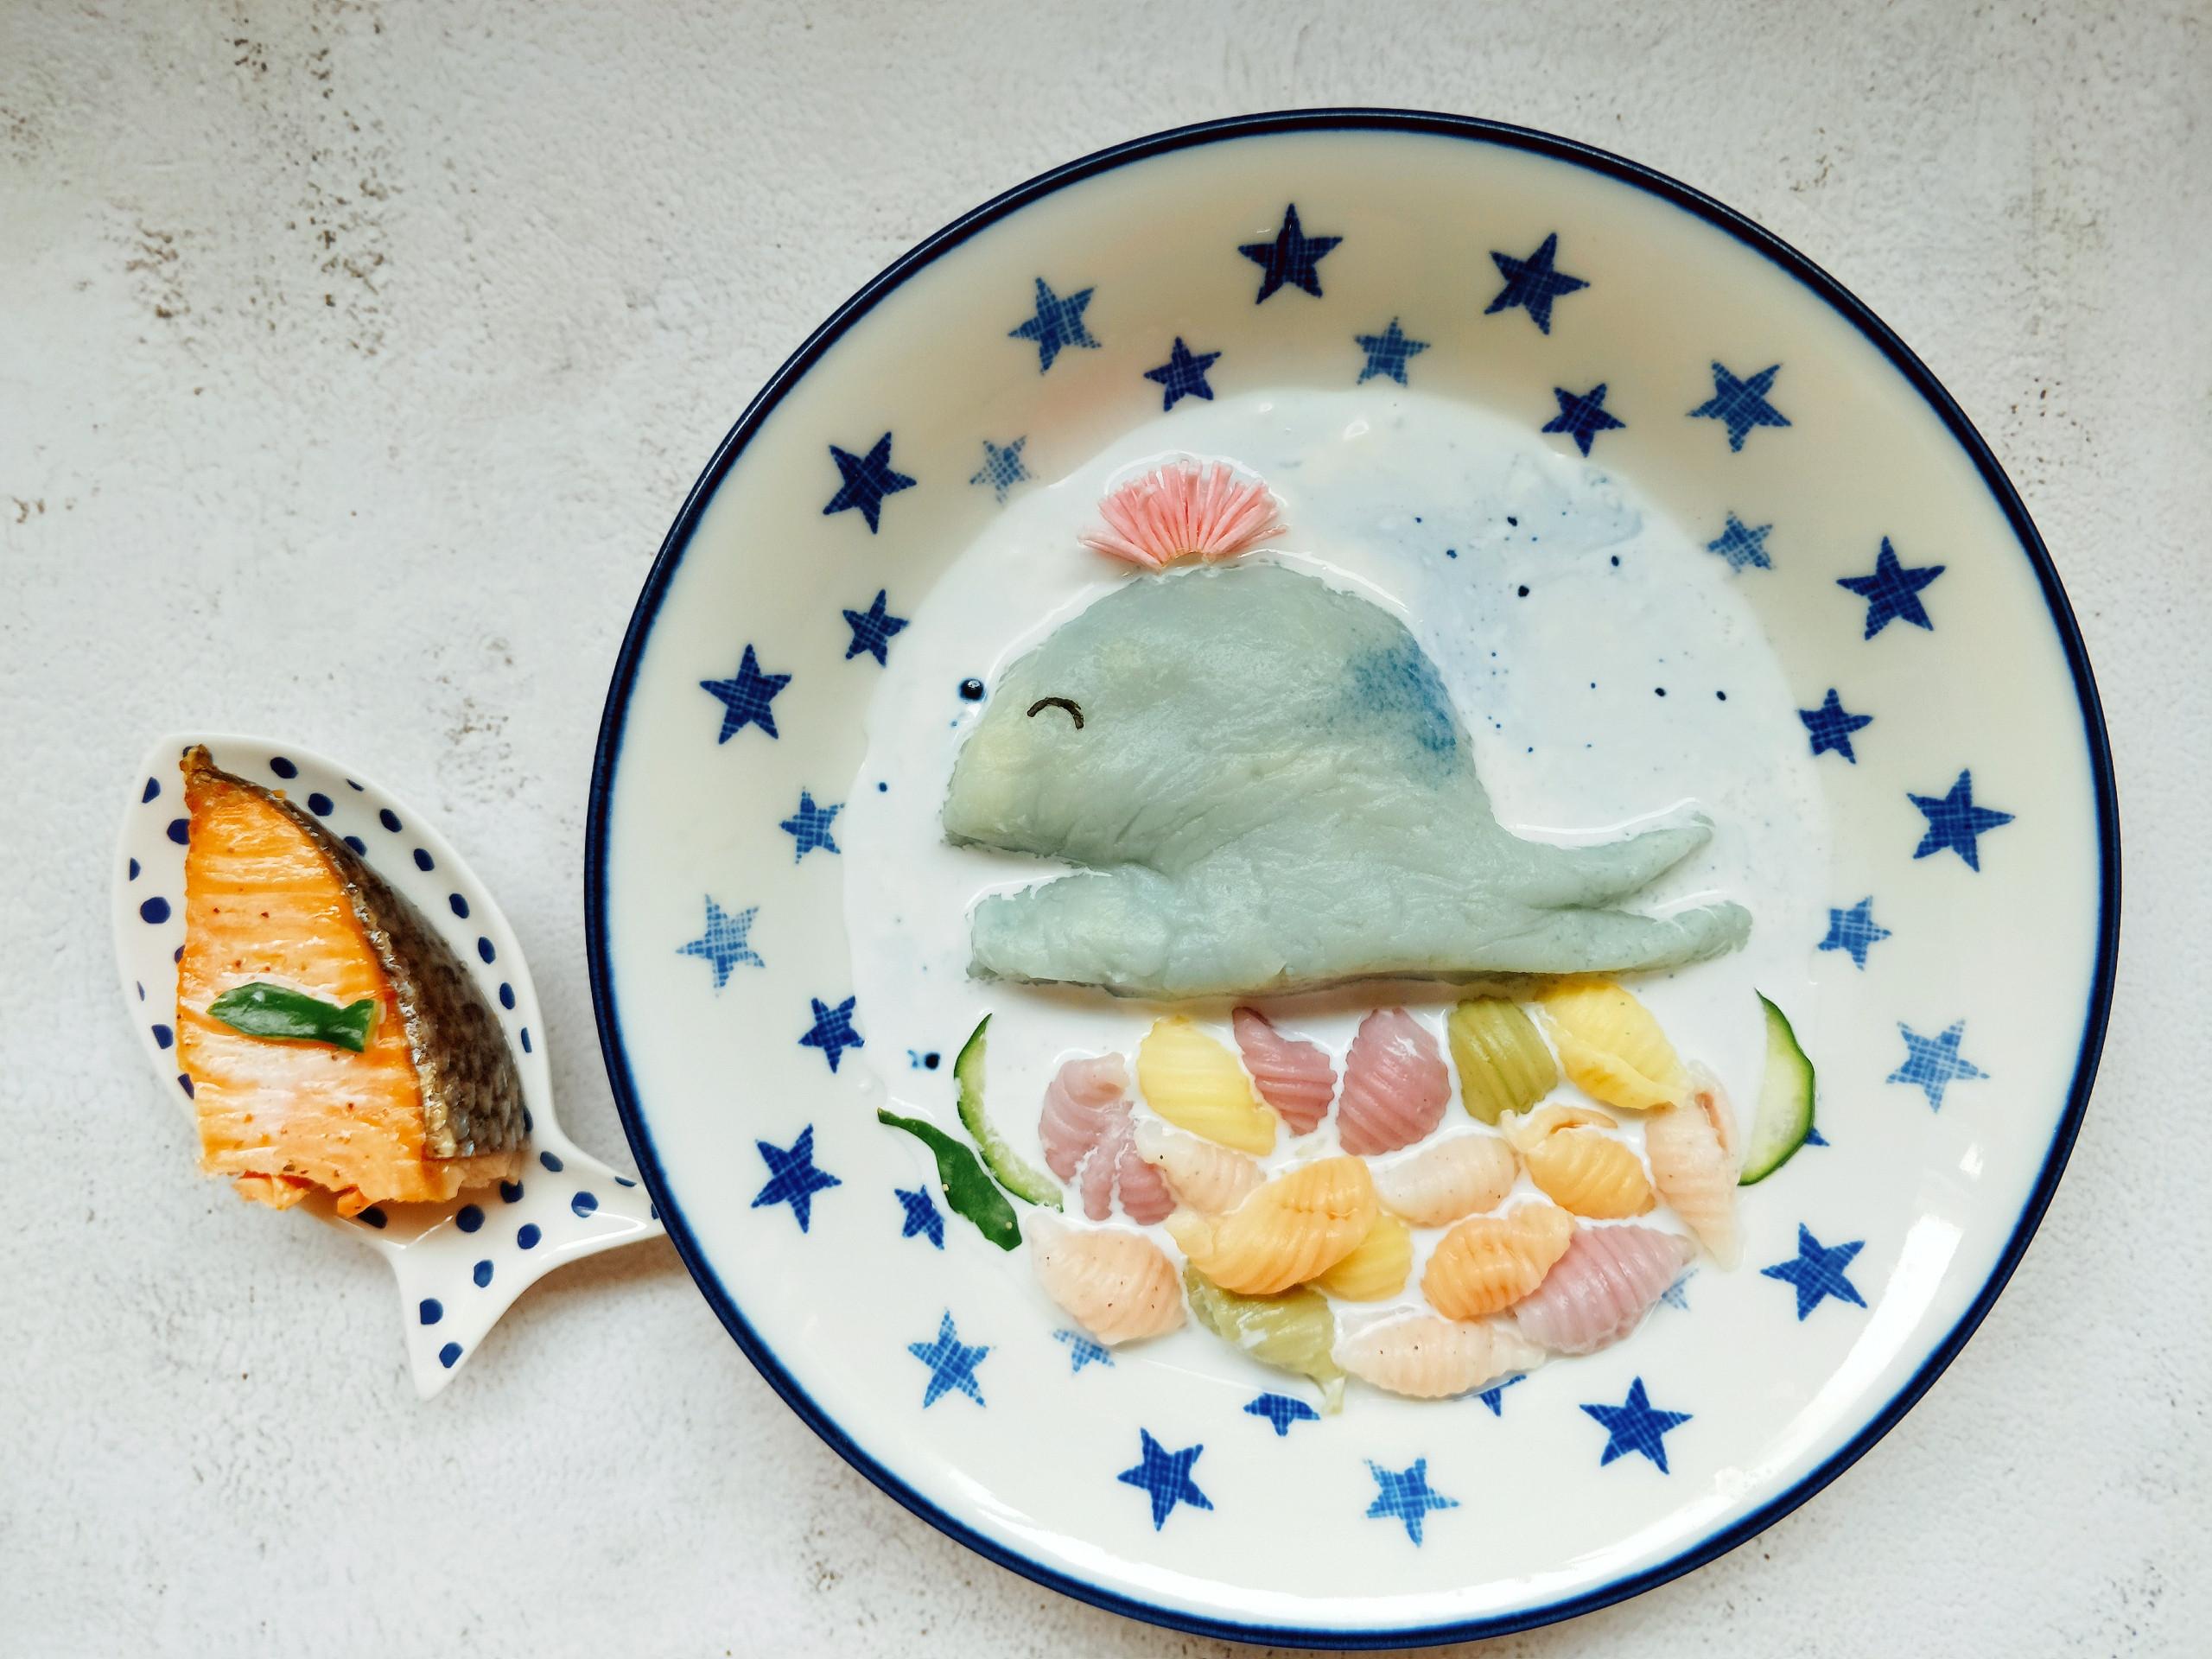 一週風味早餐就醬拌【桂冠風味沙拉開箱文】的第 5 張圖片